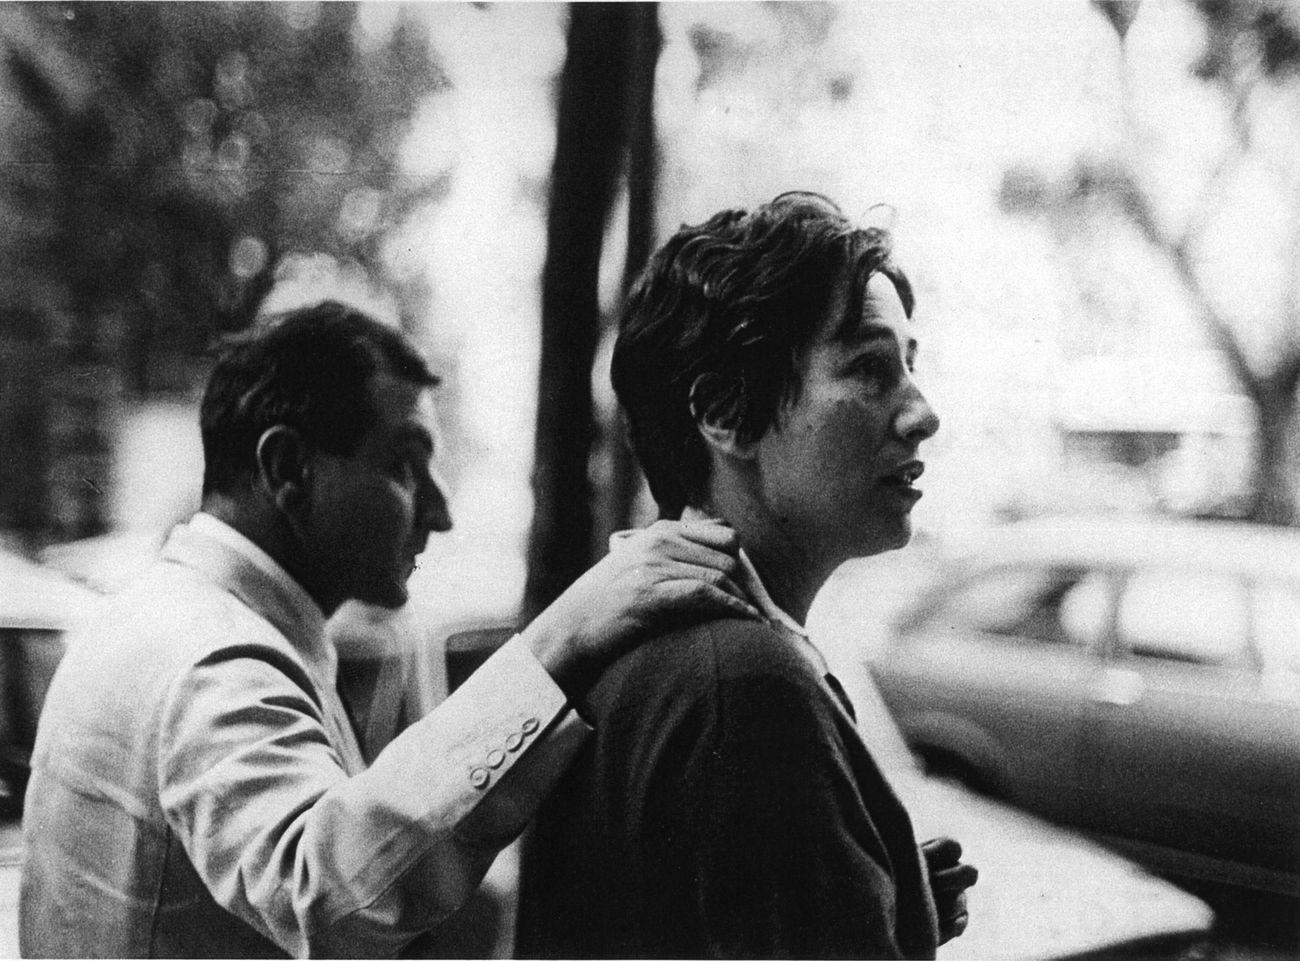 Goffredo Parise e Giosetta Fioroni, 1970 © Archivio Parise - Fioroni